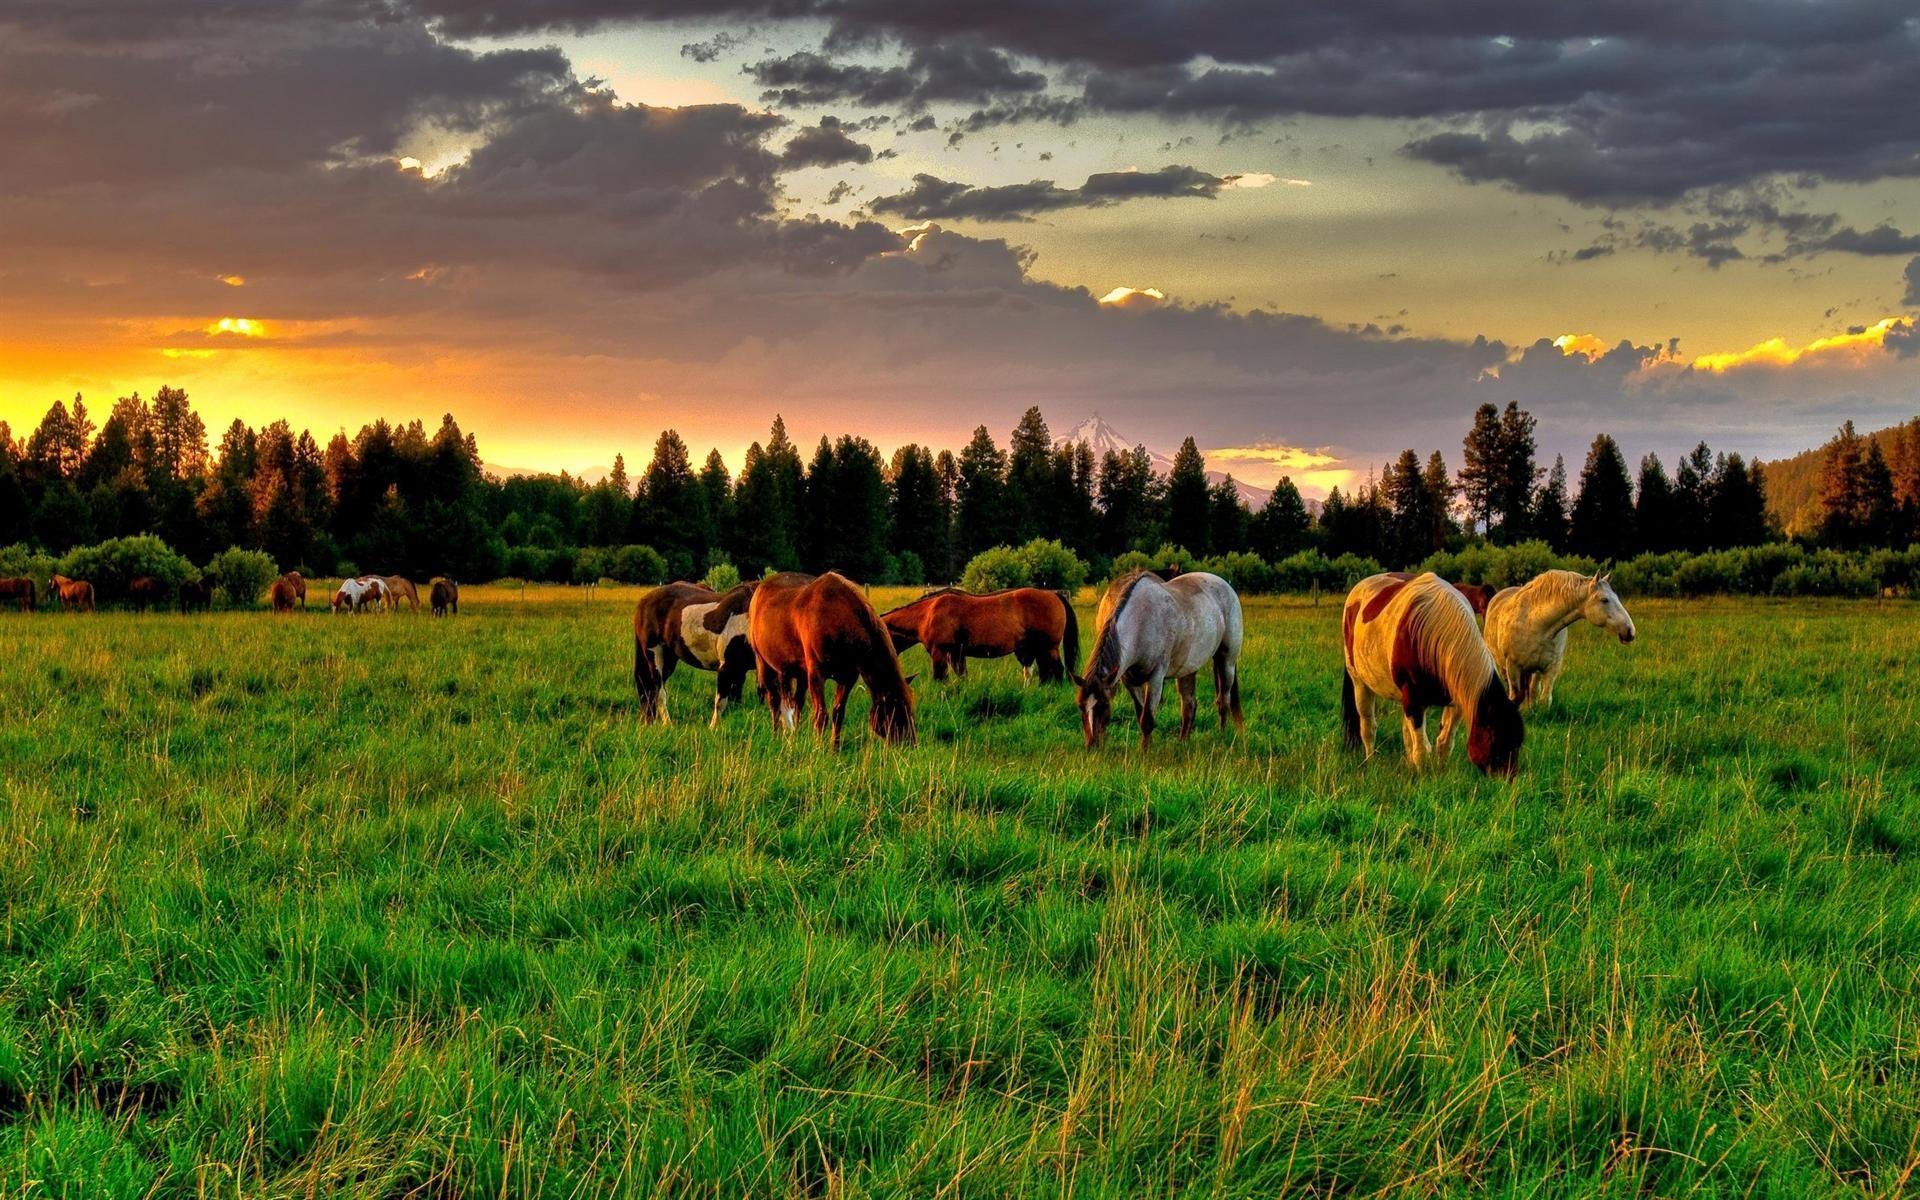 Res: 1920x1200, horse-farm-hd-wallpaper-download-horse-farm-images-free